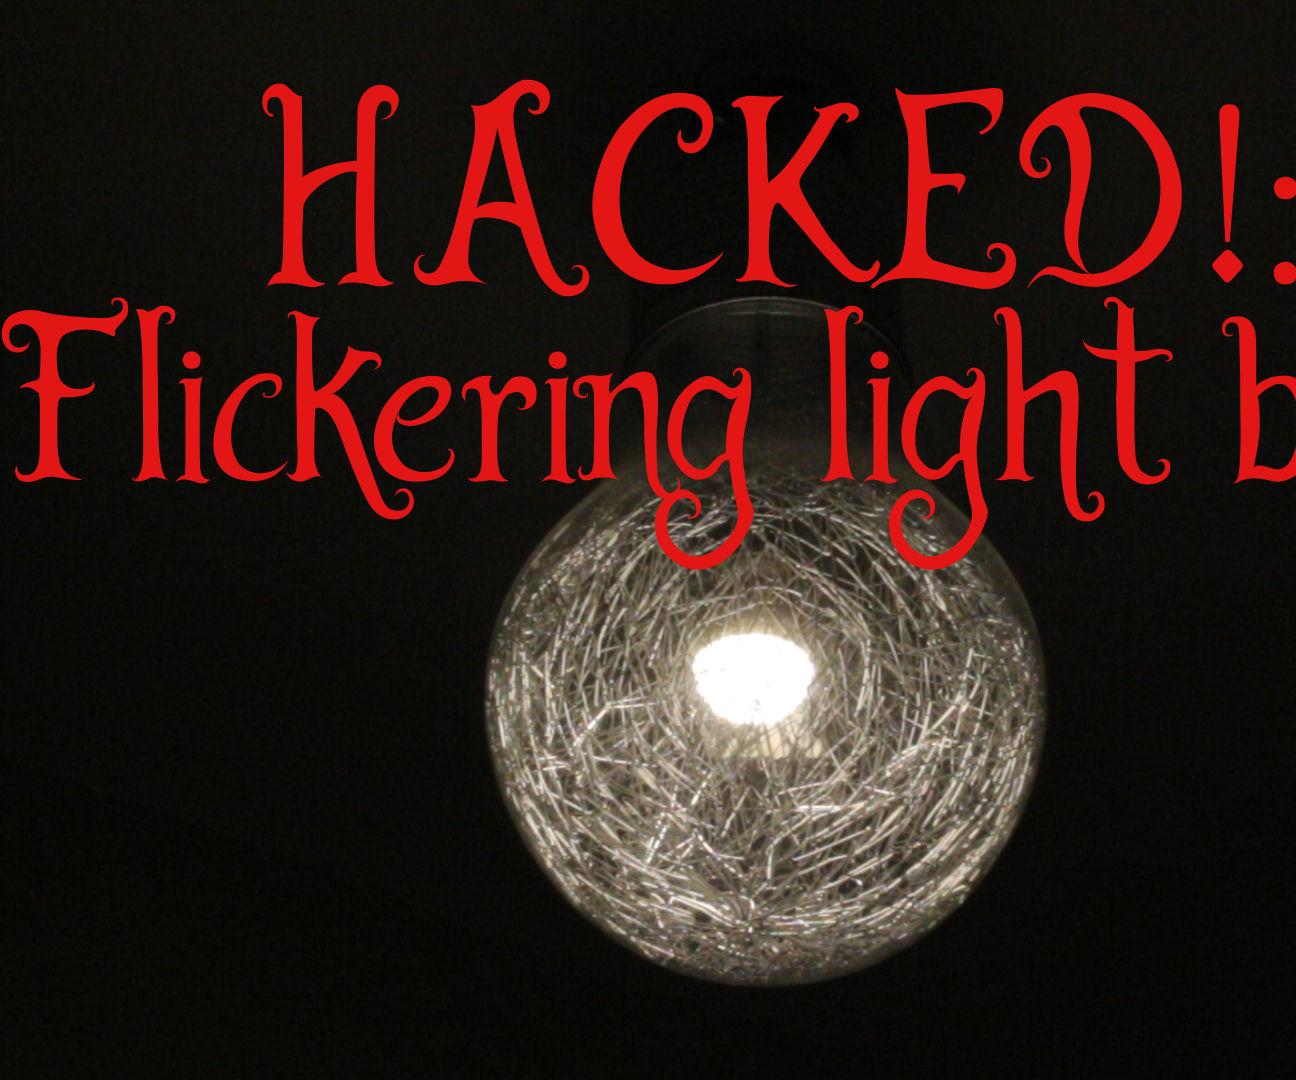 HACKED!: Flickering Light Bulb for Halloween